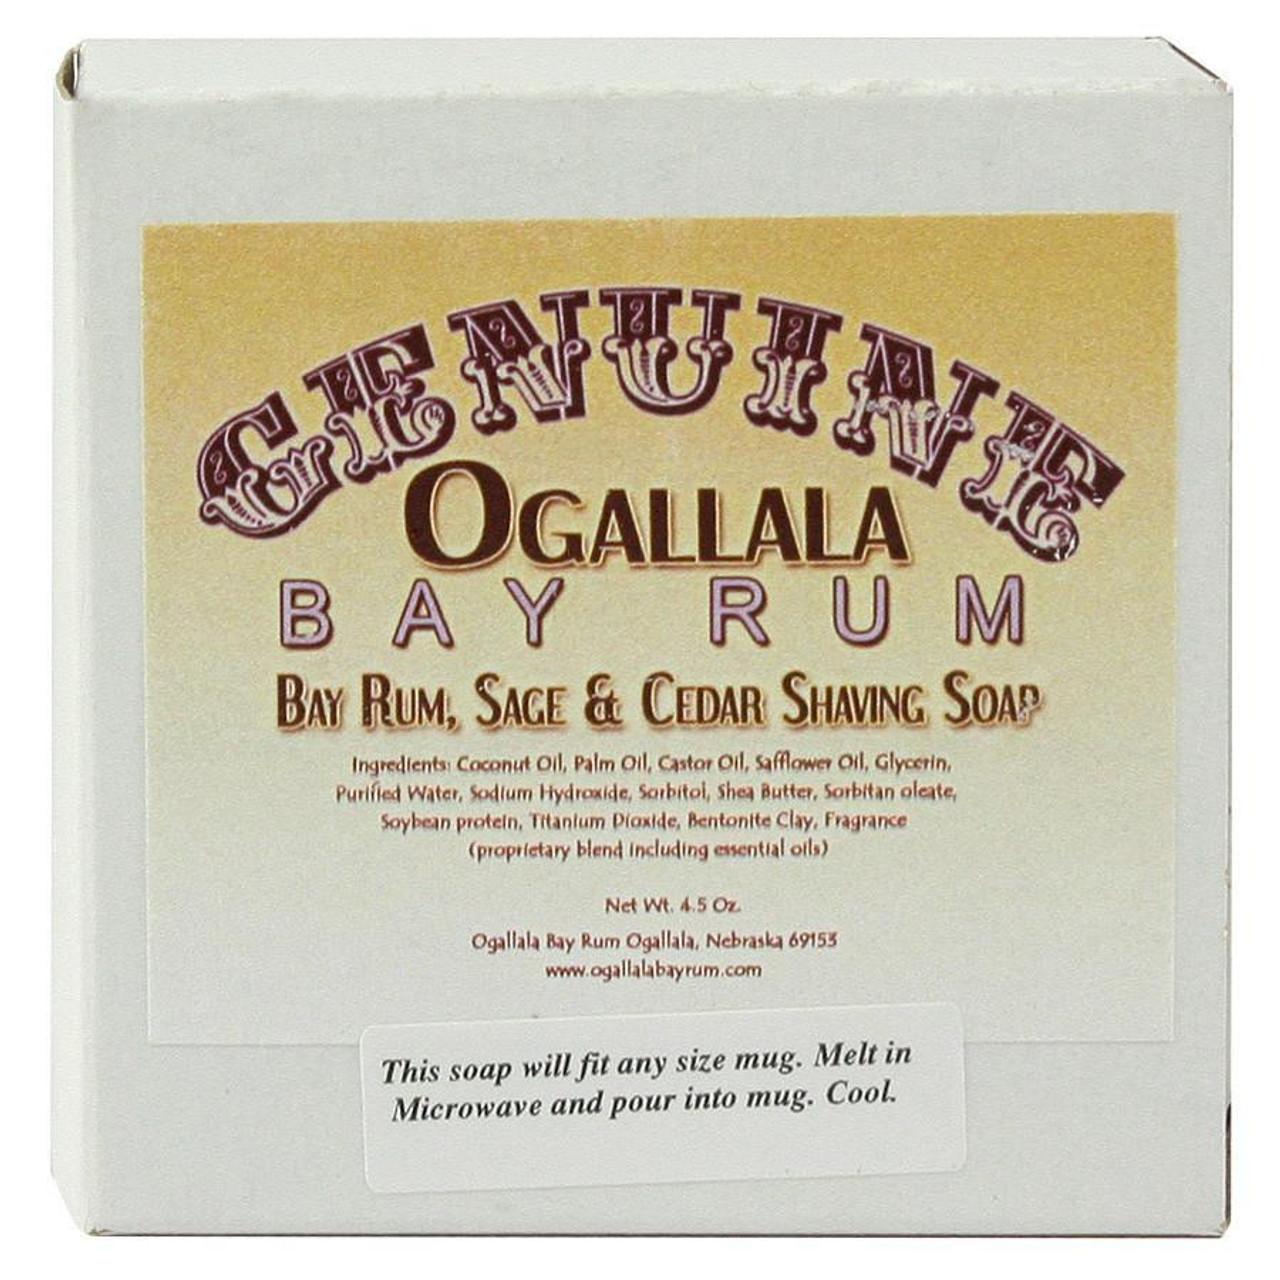 Ogallala Bay Rum, Sage & Cedar Shave Soap, 4.5oz